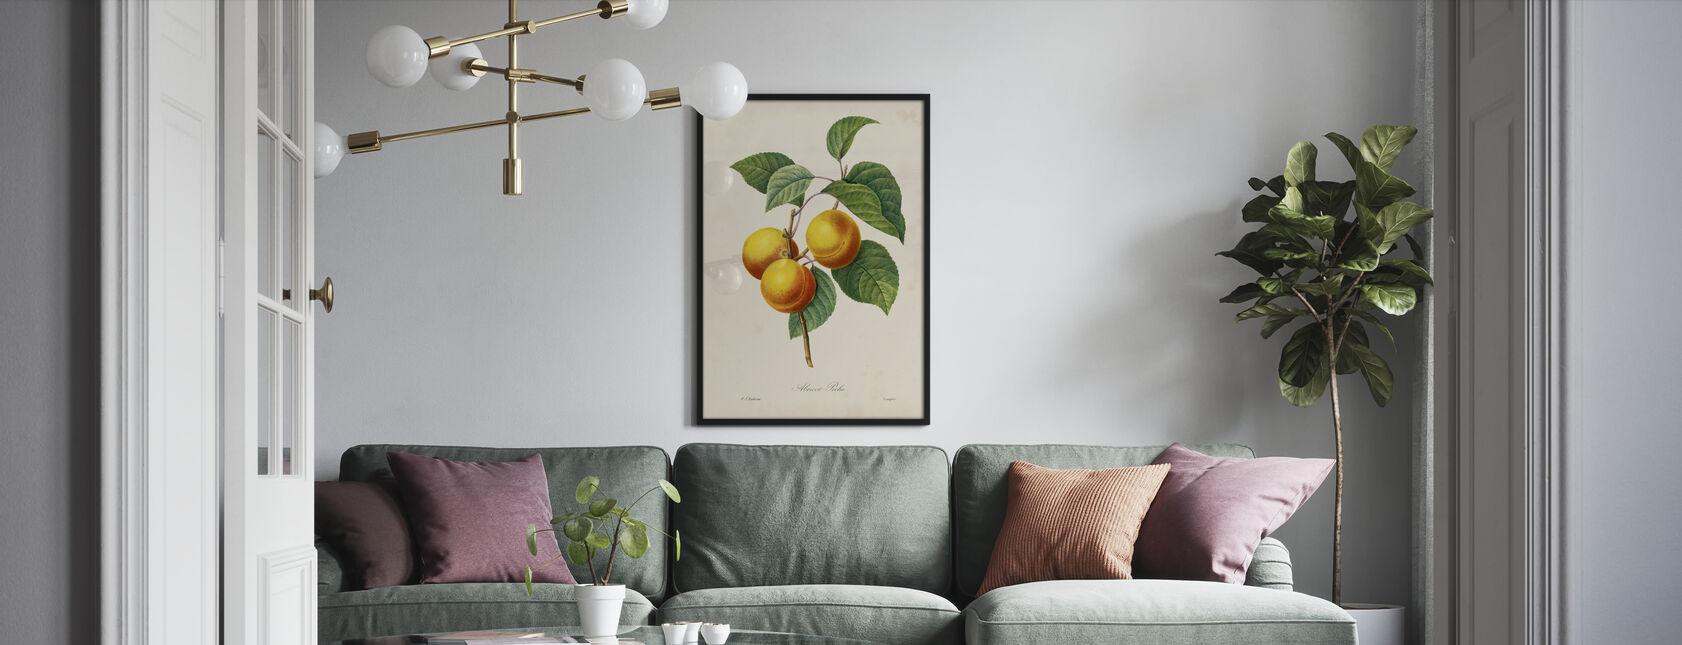 Redoutes Frucht - Gerahmtes bild - Wohnzimmer